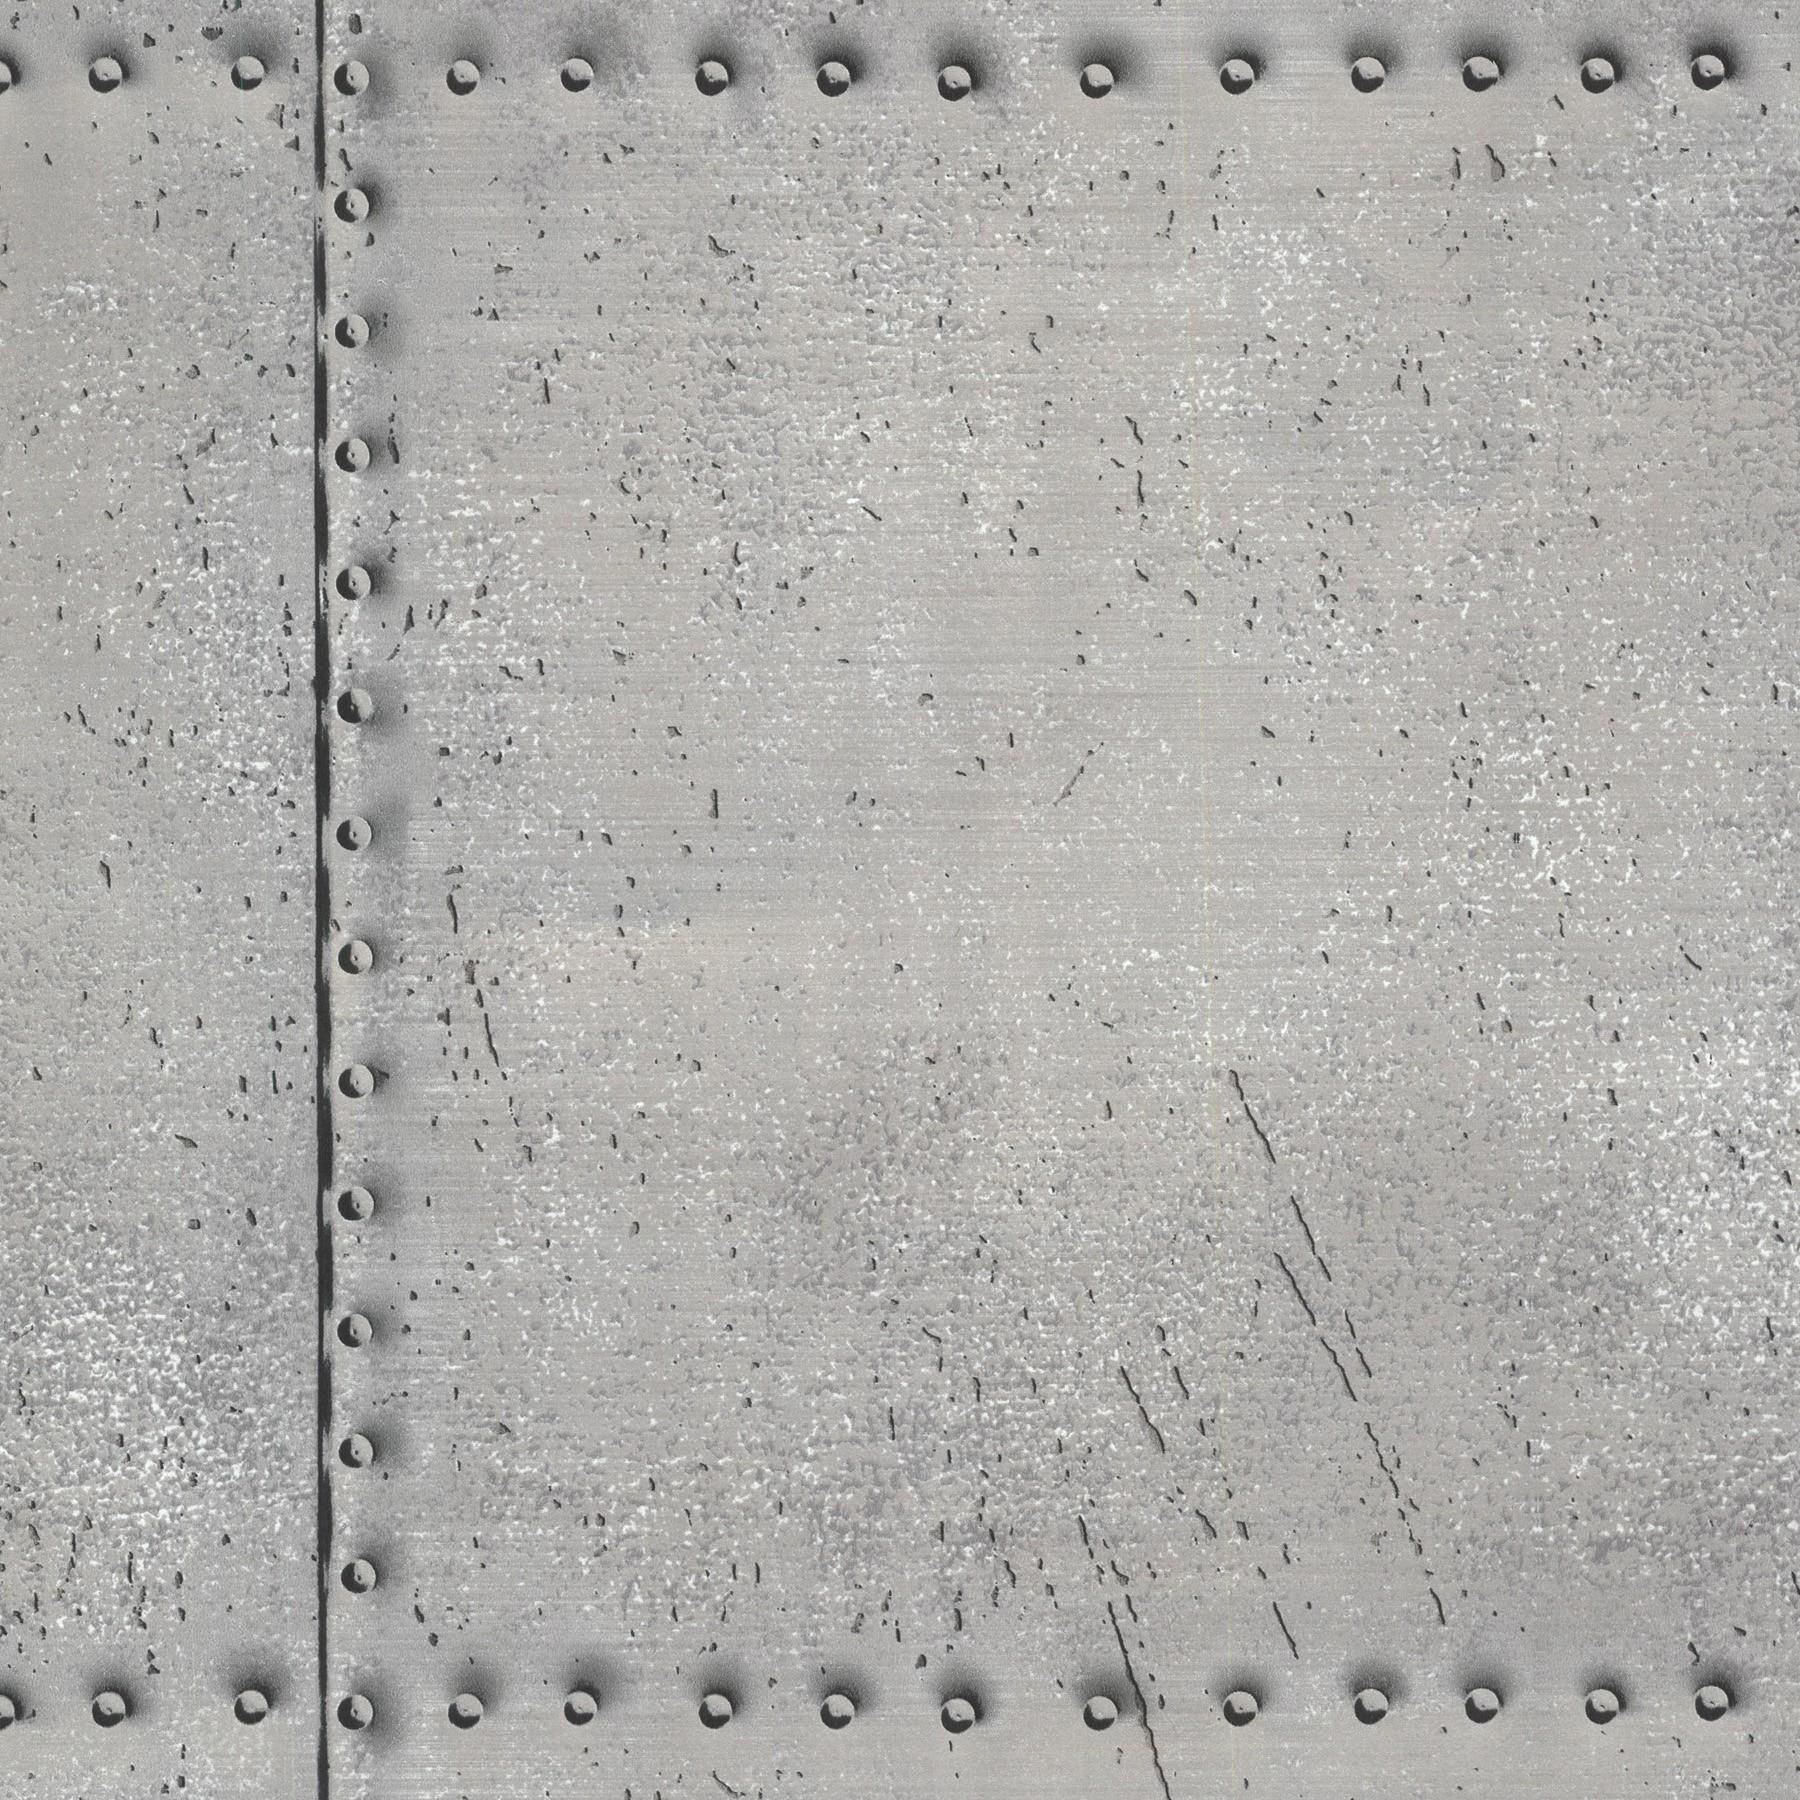 tapete metall design silber metallic vliestapeten rasch textil match race 021252. Black Bedroom Furniture Sets. Home Design Ideas